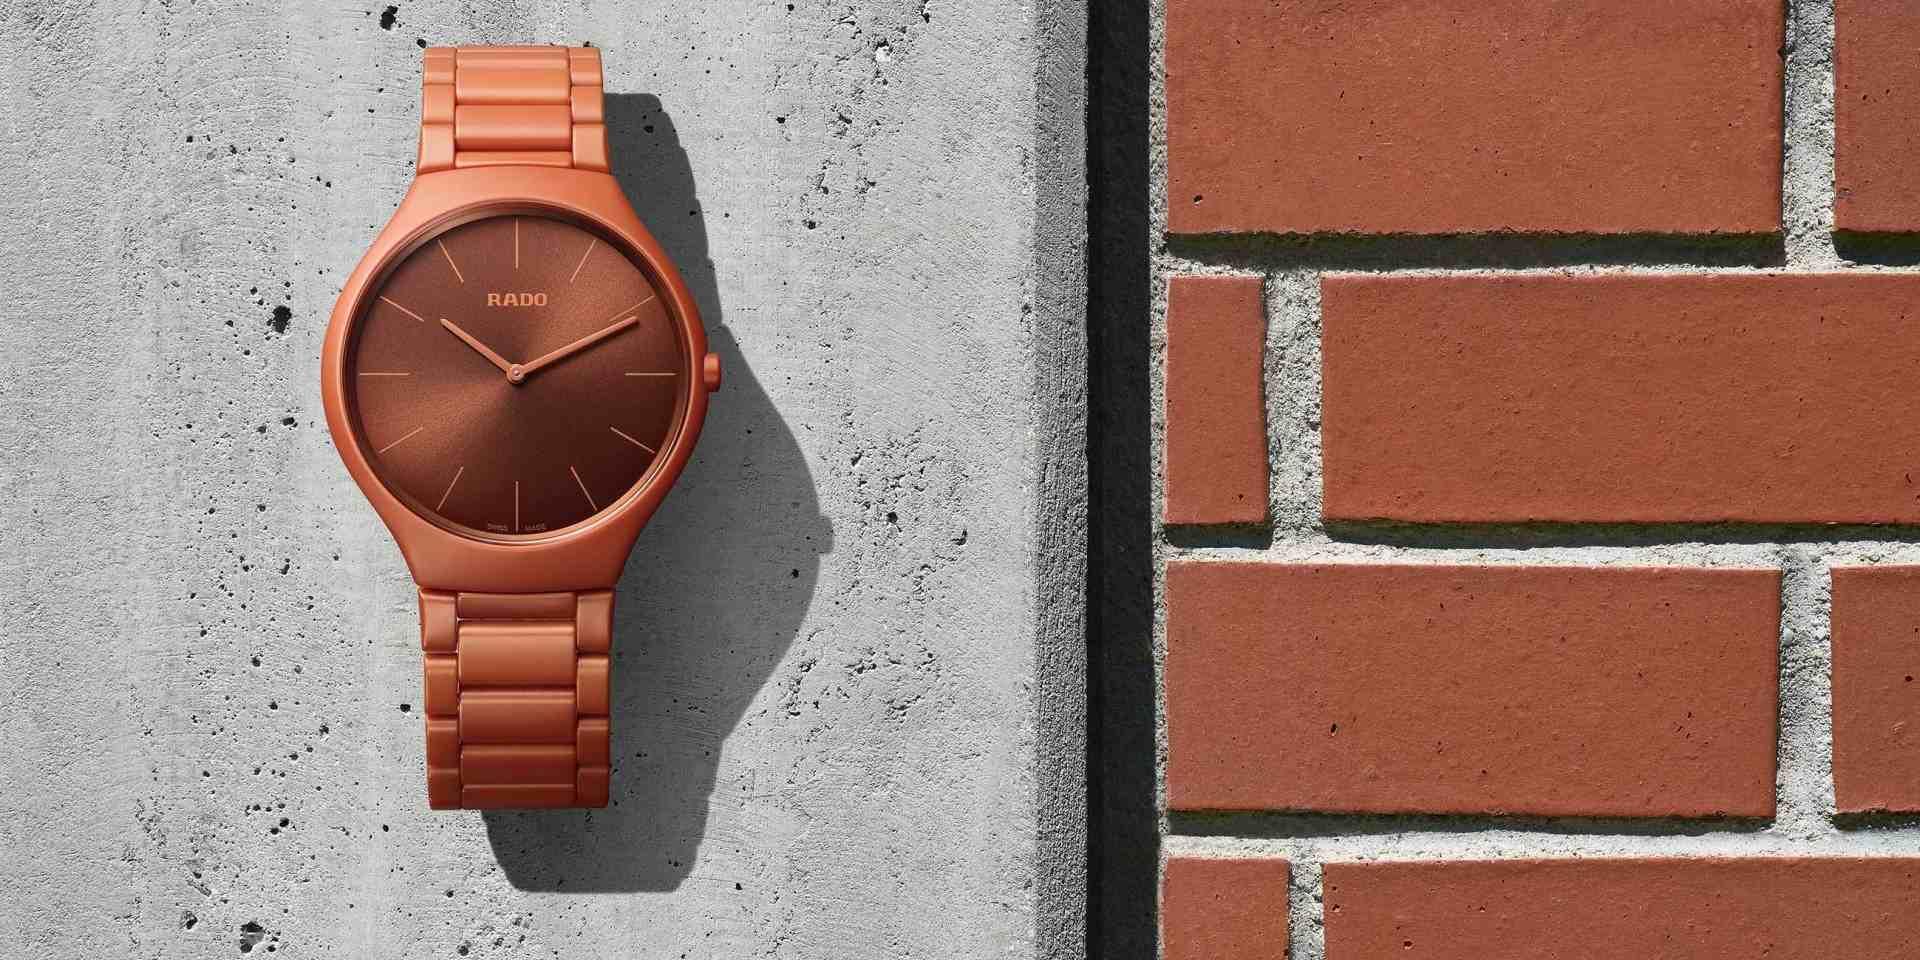 幻彩美形活出真自我:雷達True Thinline真我超薄幻彩高科技陶瓷科比意限量腕錶